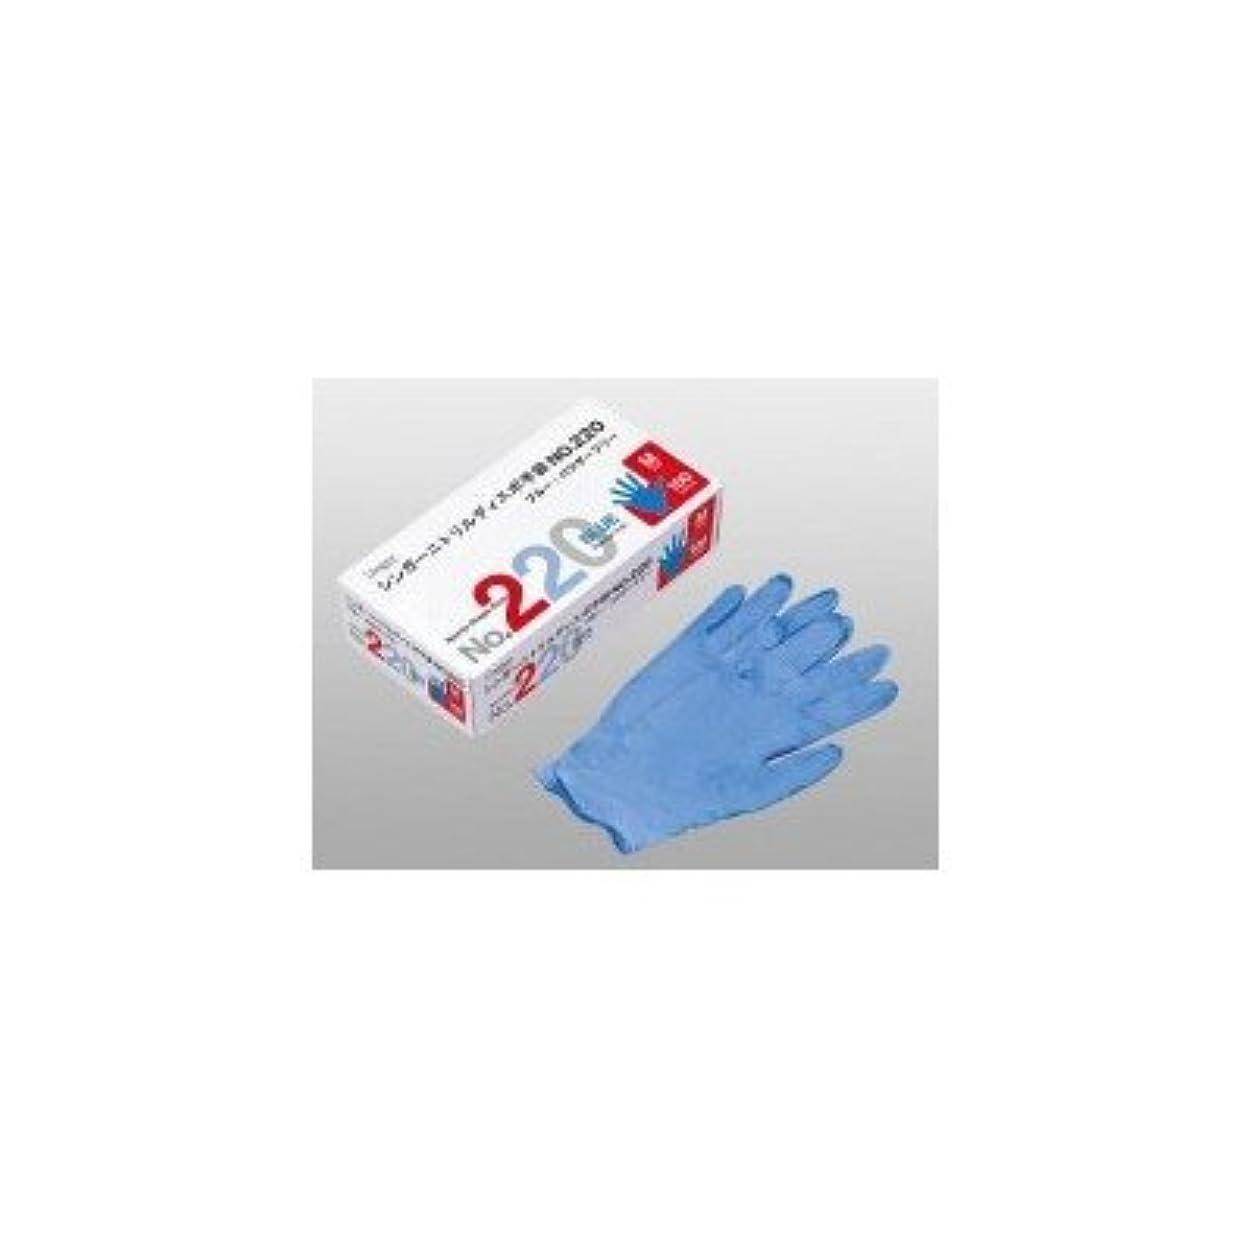 症状構成小学生シンガーニトリルディスポ手袋 No.220 ブルー パウダーフリー(100枚) M( 画像はイメージ画像です お届けの商品はMのみとなります)